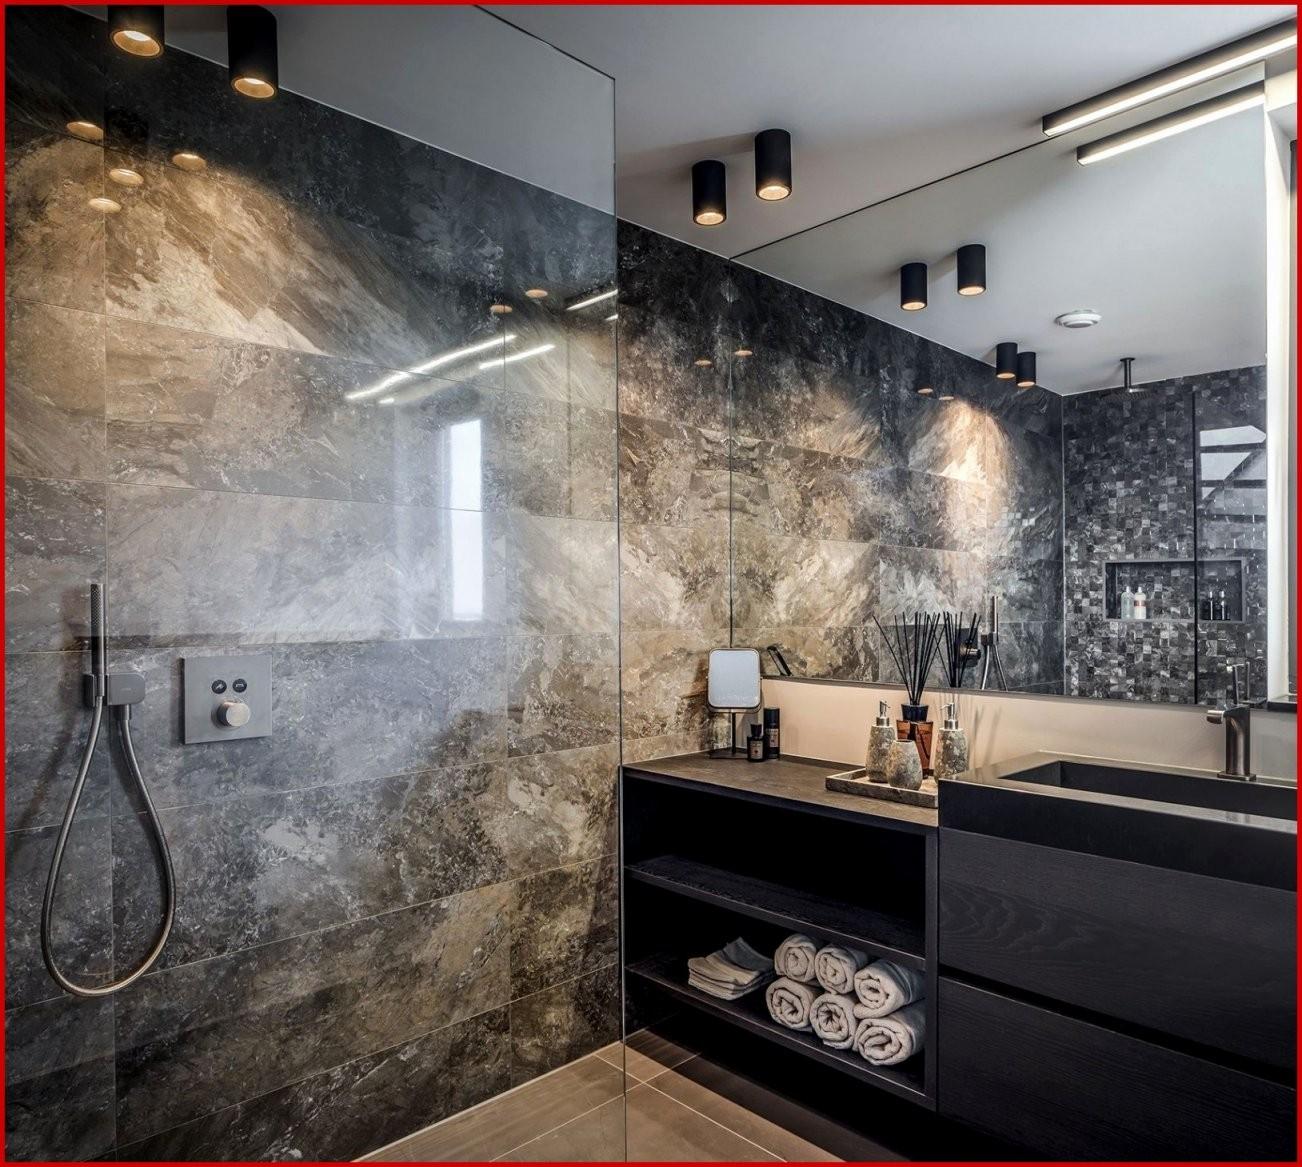 Nieuw Led Inbouwspots Badkamer 230V Afbeeldingen Van Badkamer Ideas von Aufputz Led Spots 230V Bild